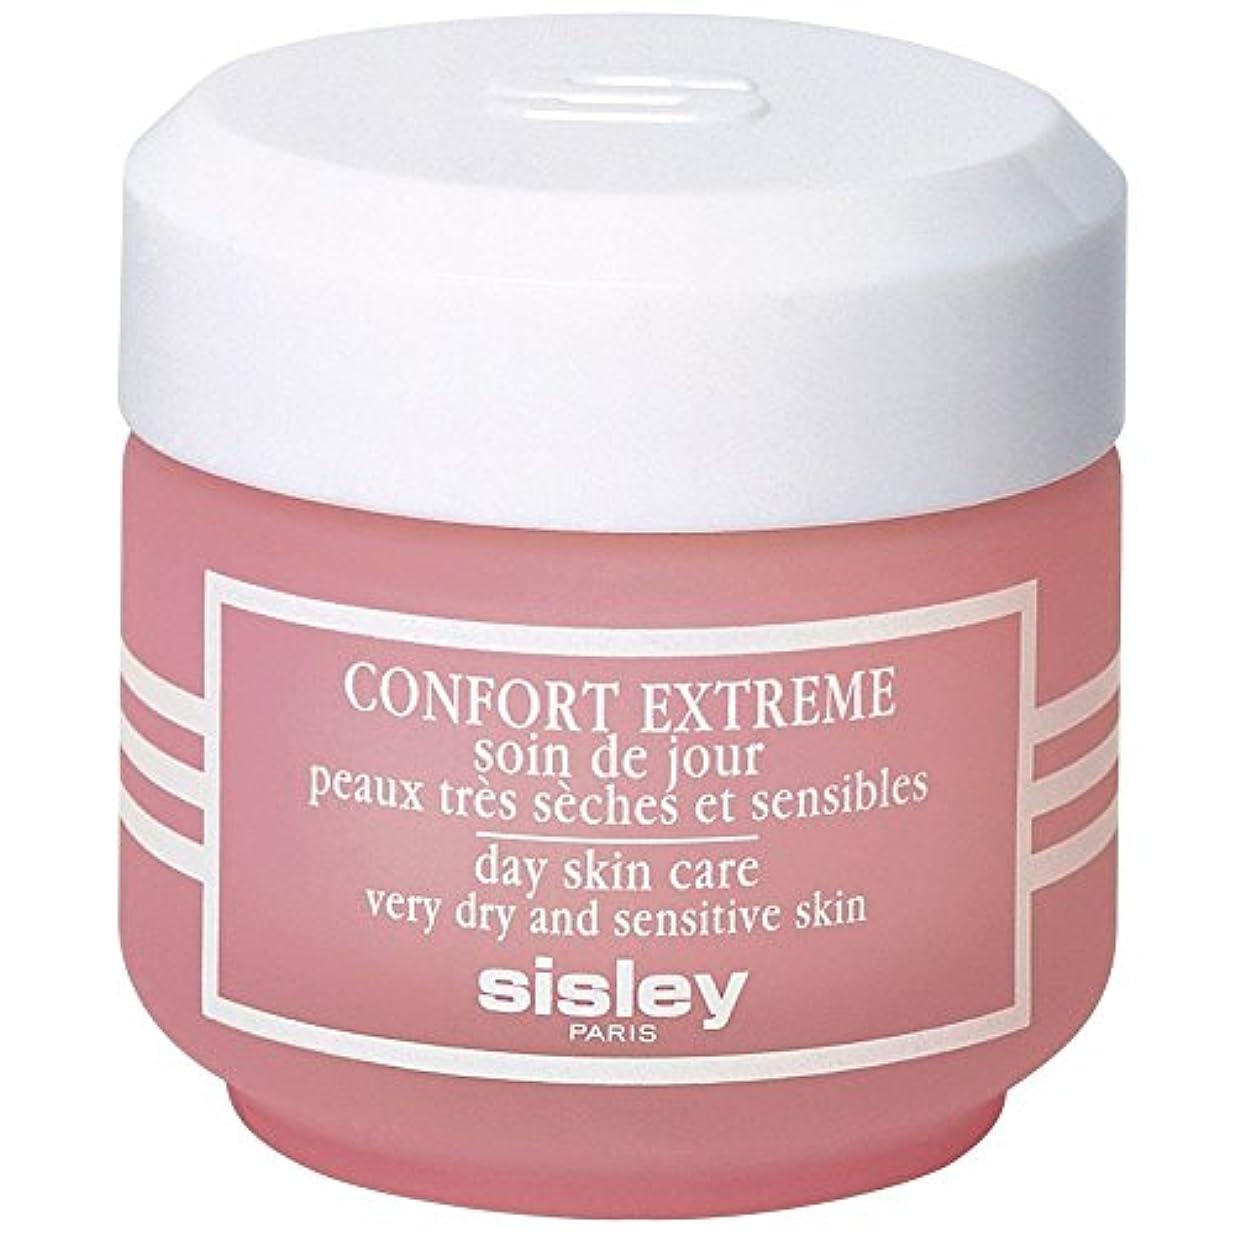 反逆親指ライトニング[Sisley] シスレー快適極端日のスキンケア、50ミリリットル - Sisley Confort Extr?me Day Skin Care, 50ml [並行輸入品]